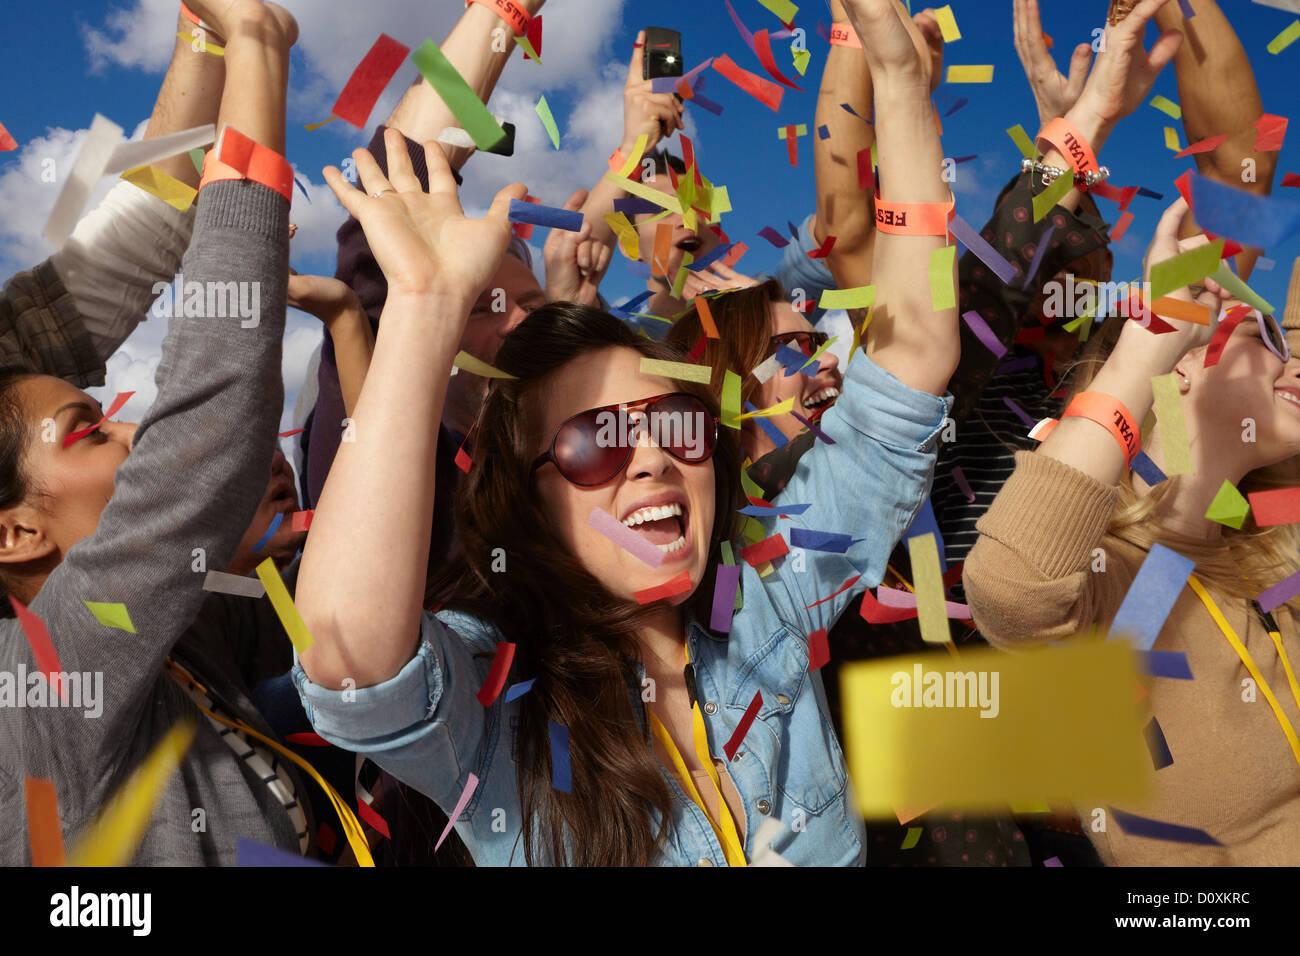 Les concepteurs à un festival de musique Photo Stock